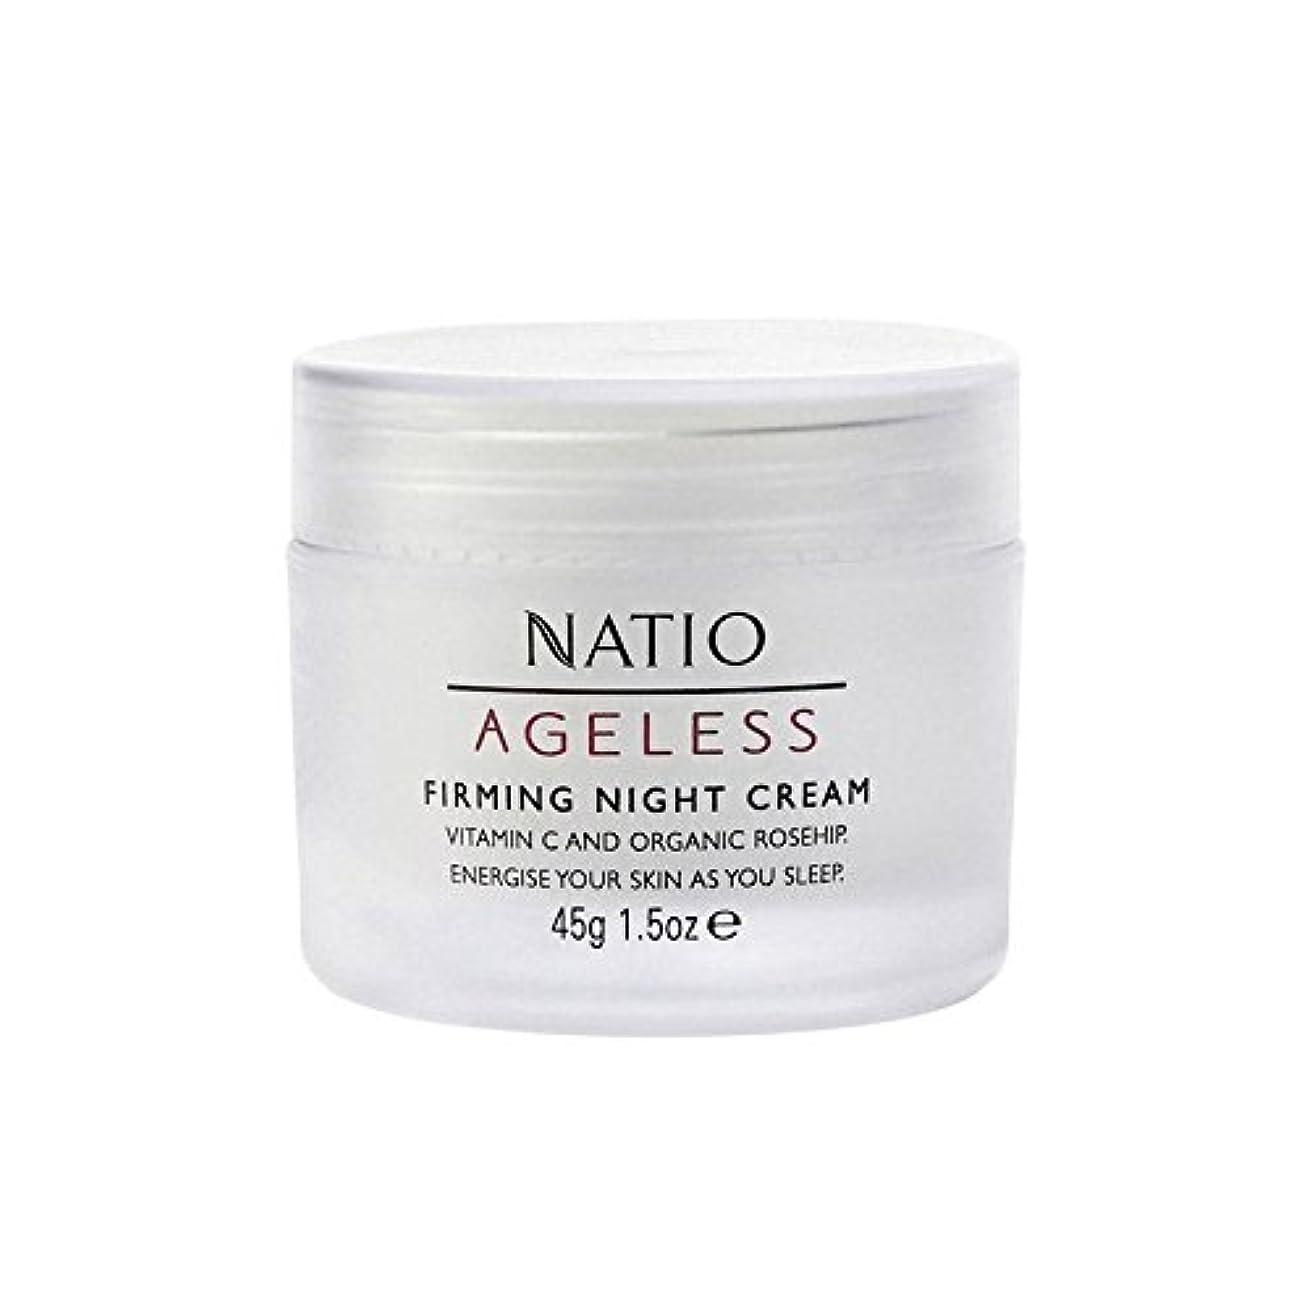 サーカス配偶者暗殺永遠ファーミングナイトクリーム(45グラム) x4 - Natio Ageless Firming Night Cream (45G) (Pack of 4) [並行輸入品]